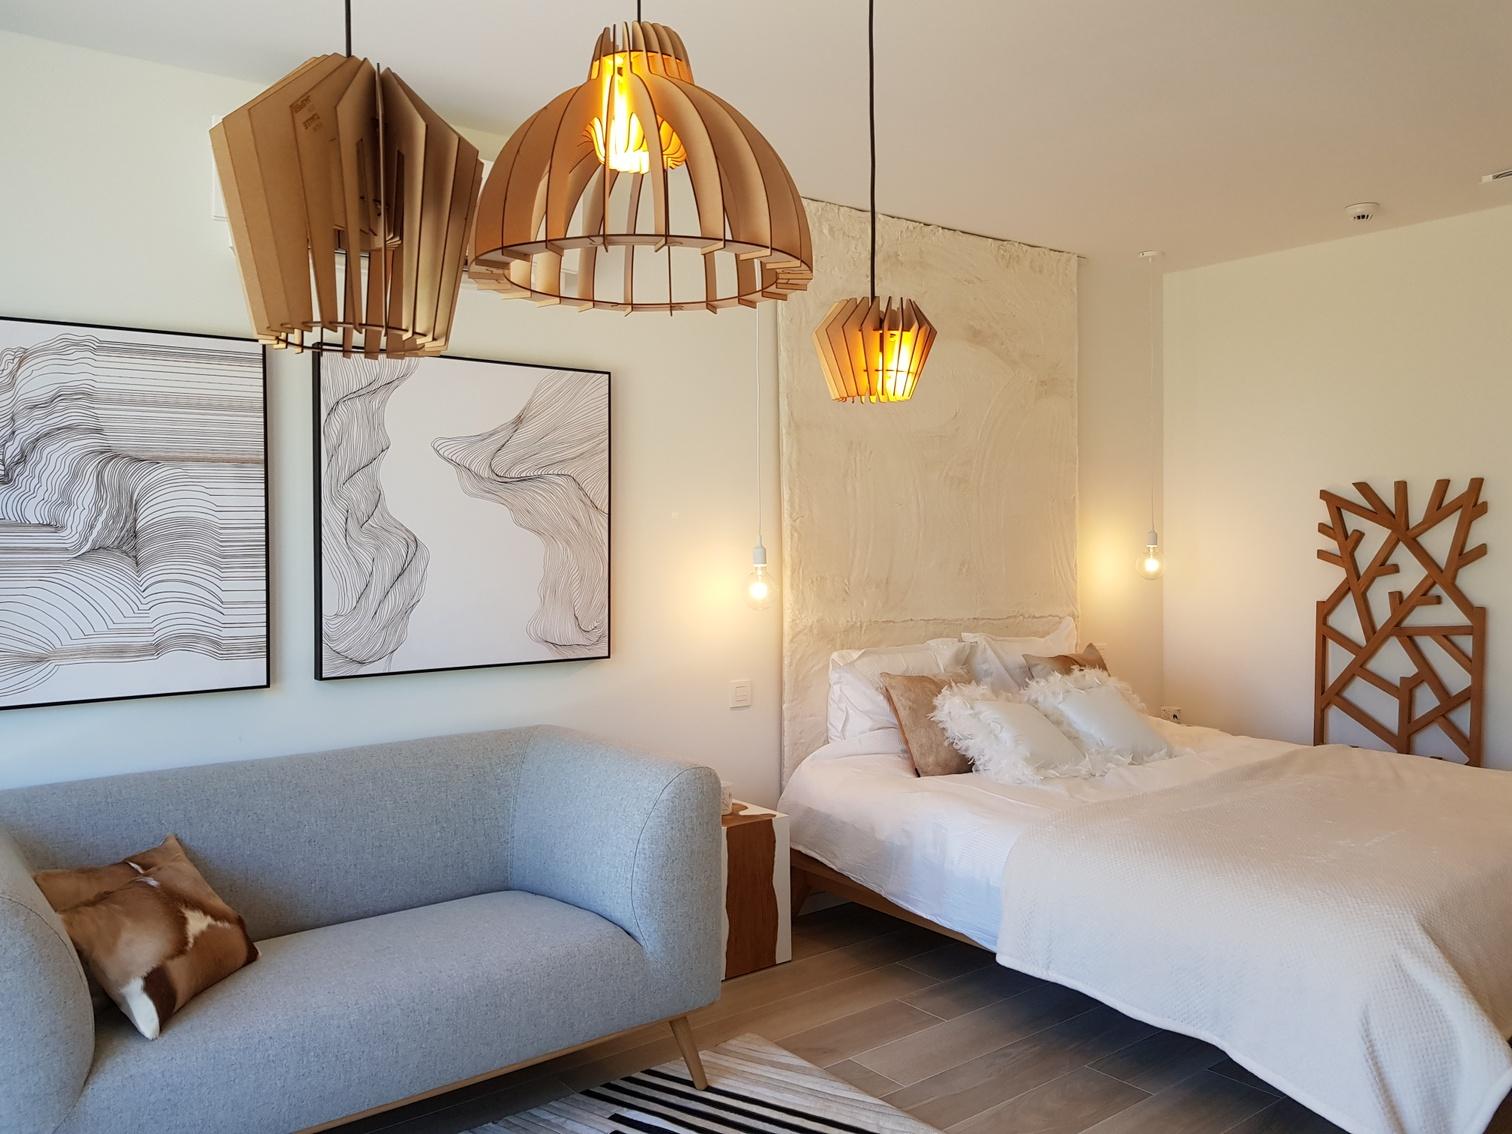 inrichting viersterren bed&breakfast - gastenkamer white now!